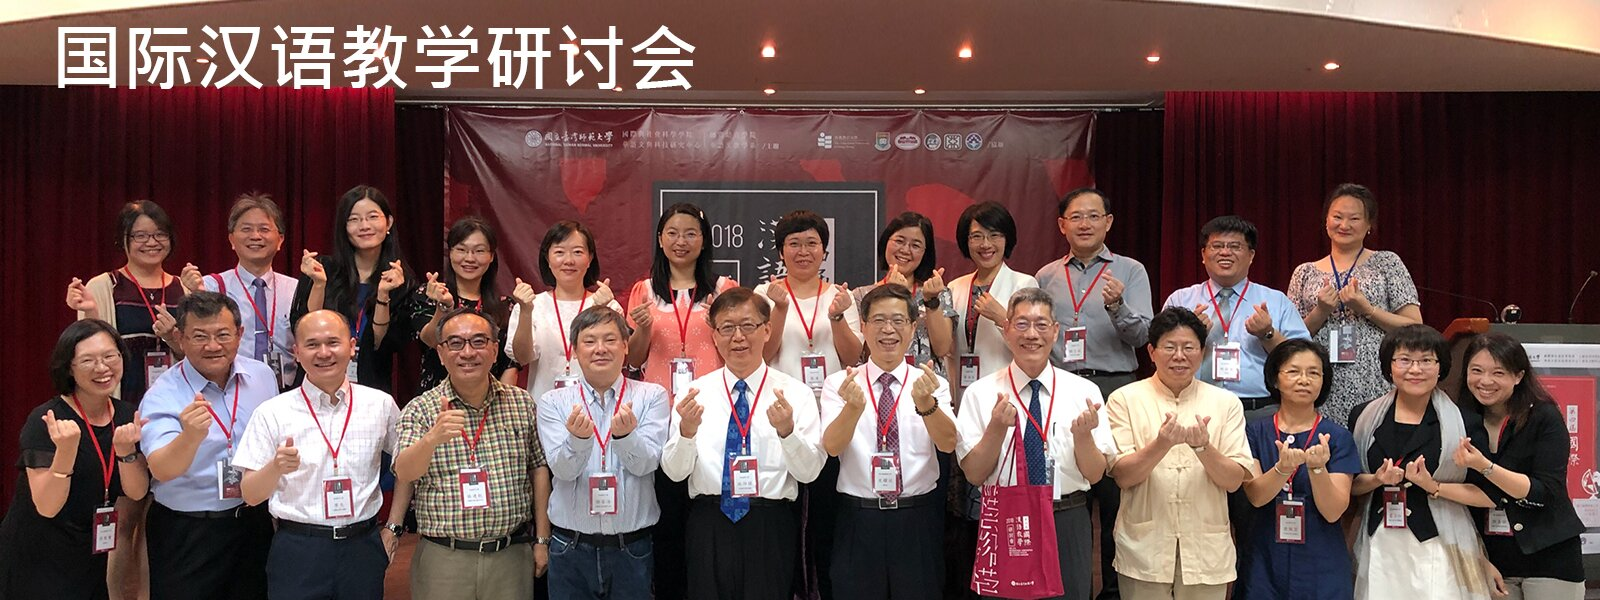 国际汉语教学研讨会